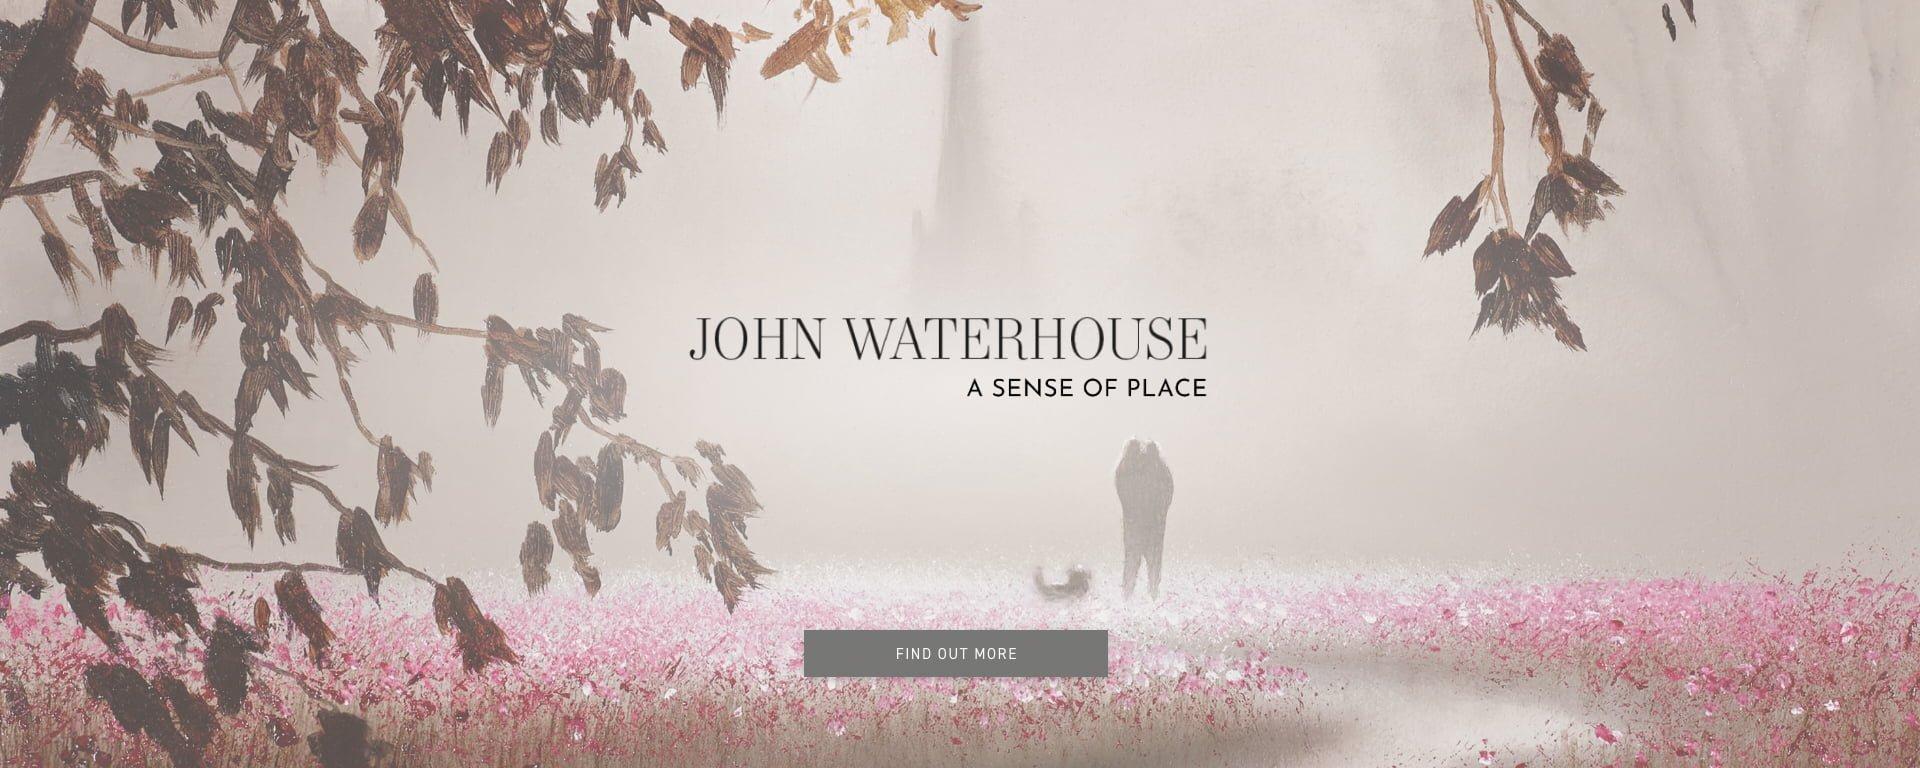 John Waterhouse – A Sense of Place